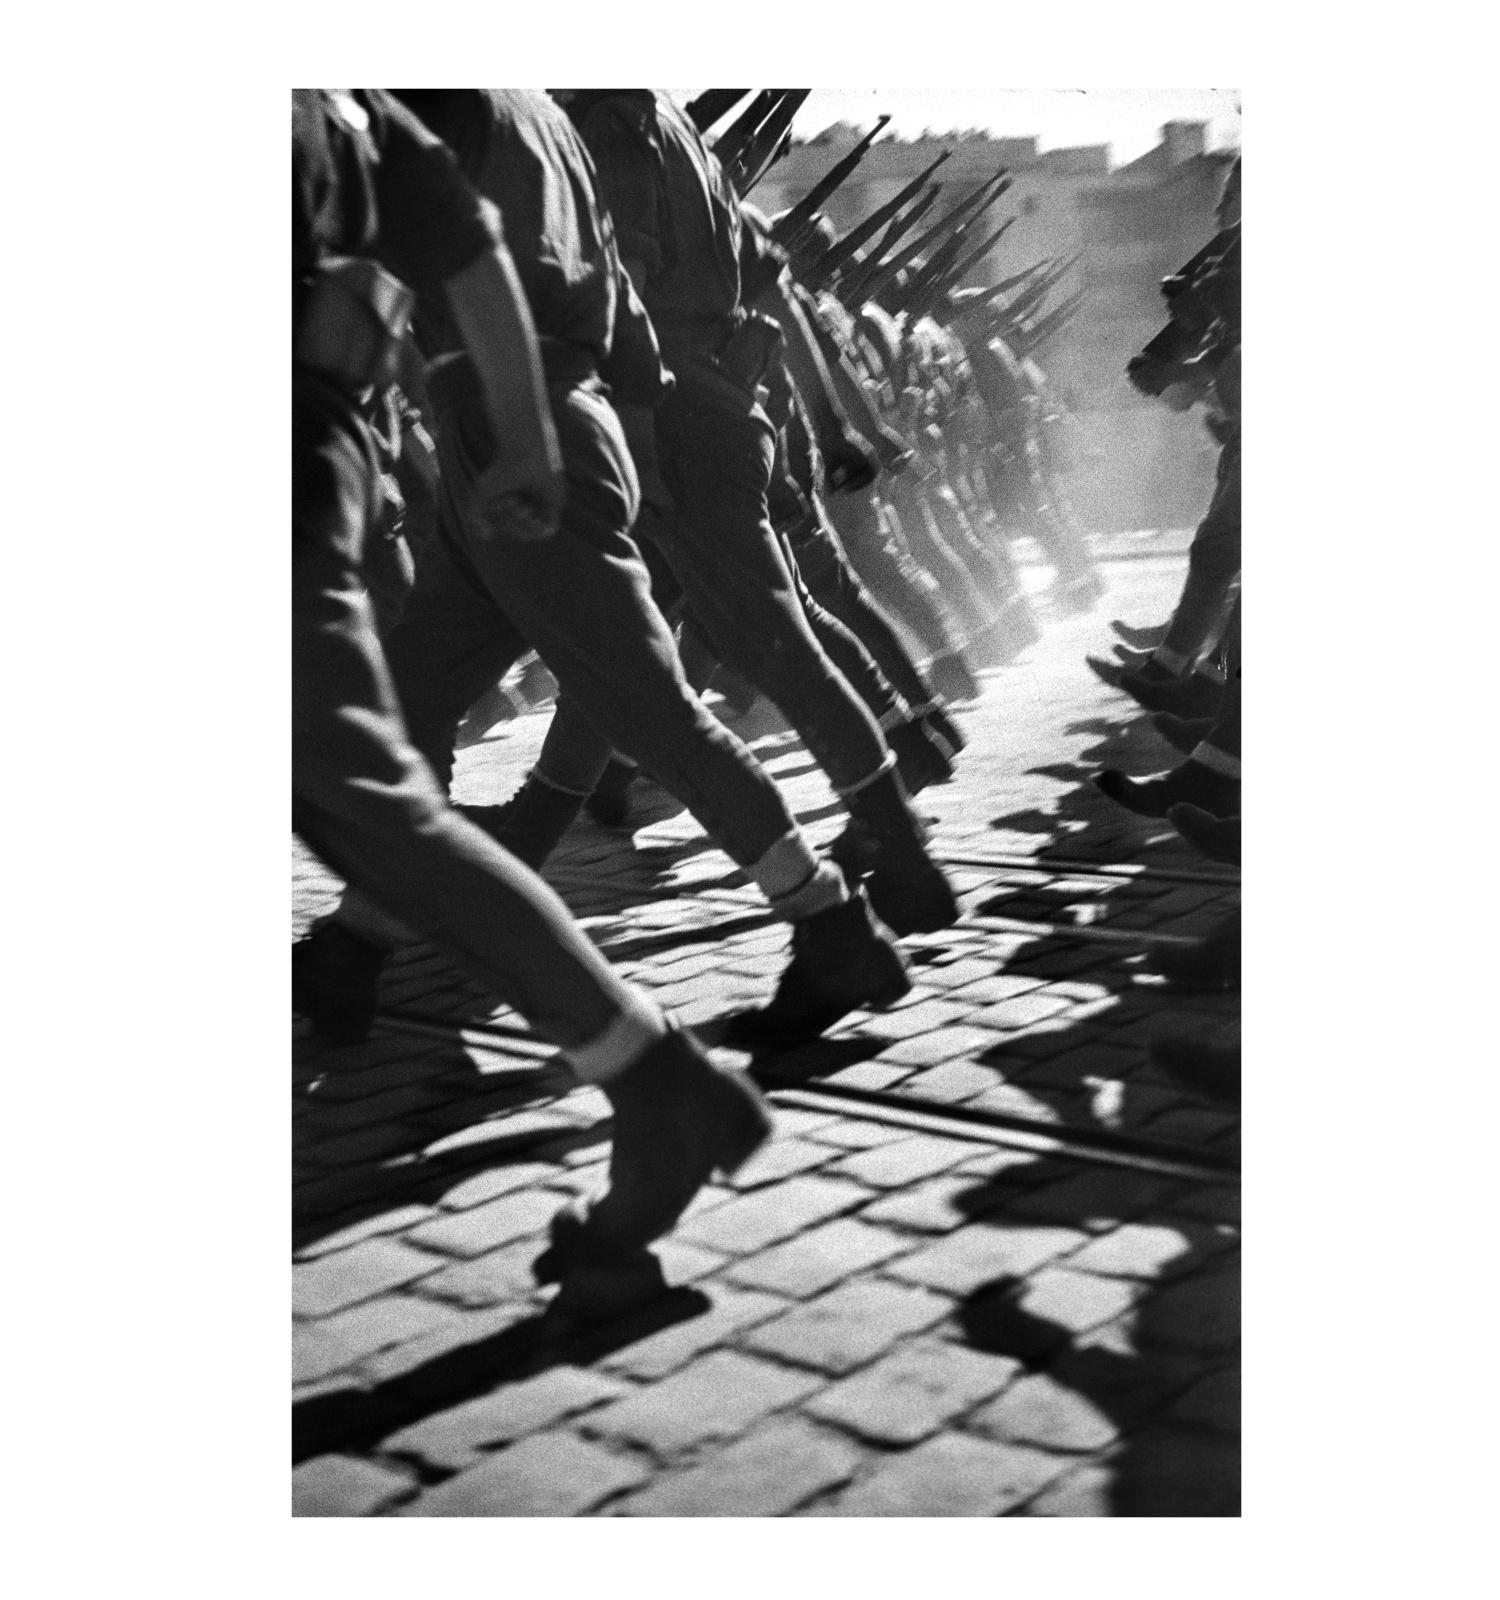 Antoni Campañà. Tropes italianes a la Desfilada de la Victoria franquista, 21 de febrer de 1939. Arxiu Campañà